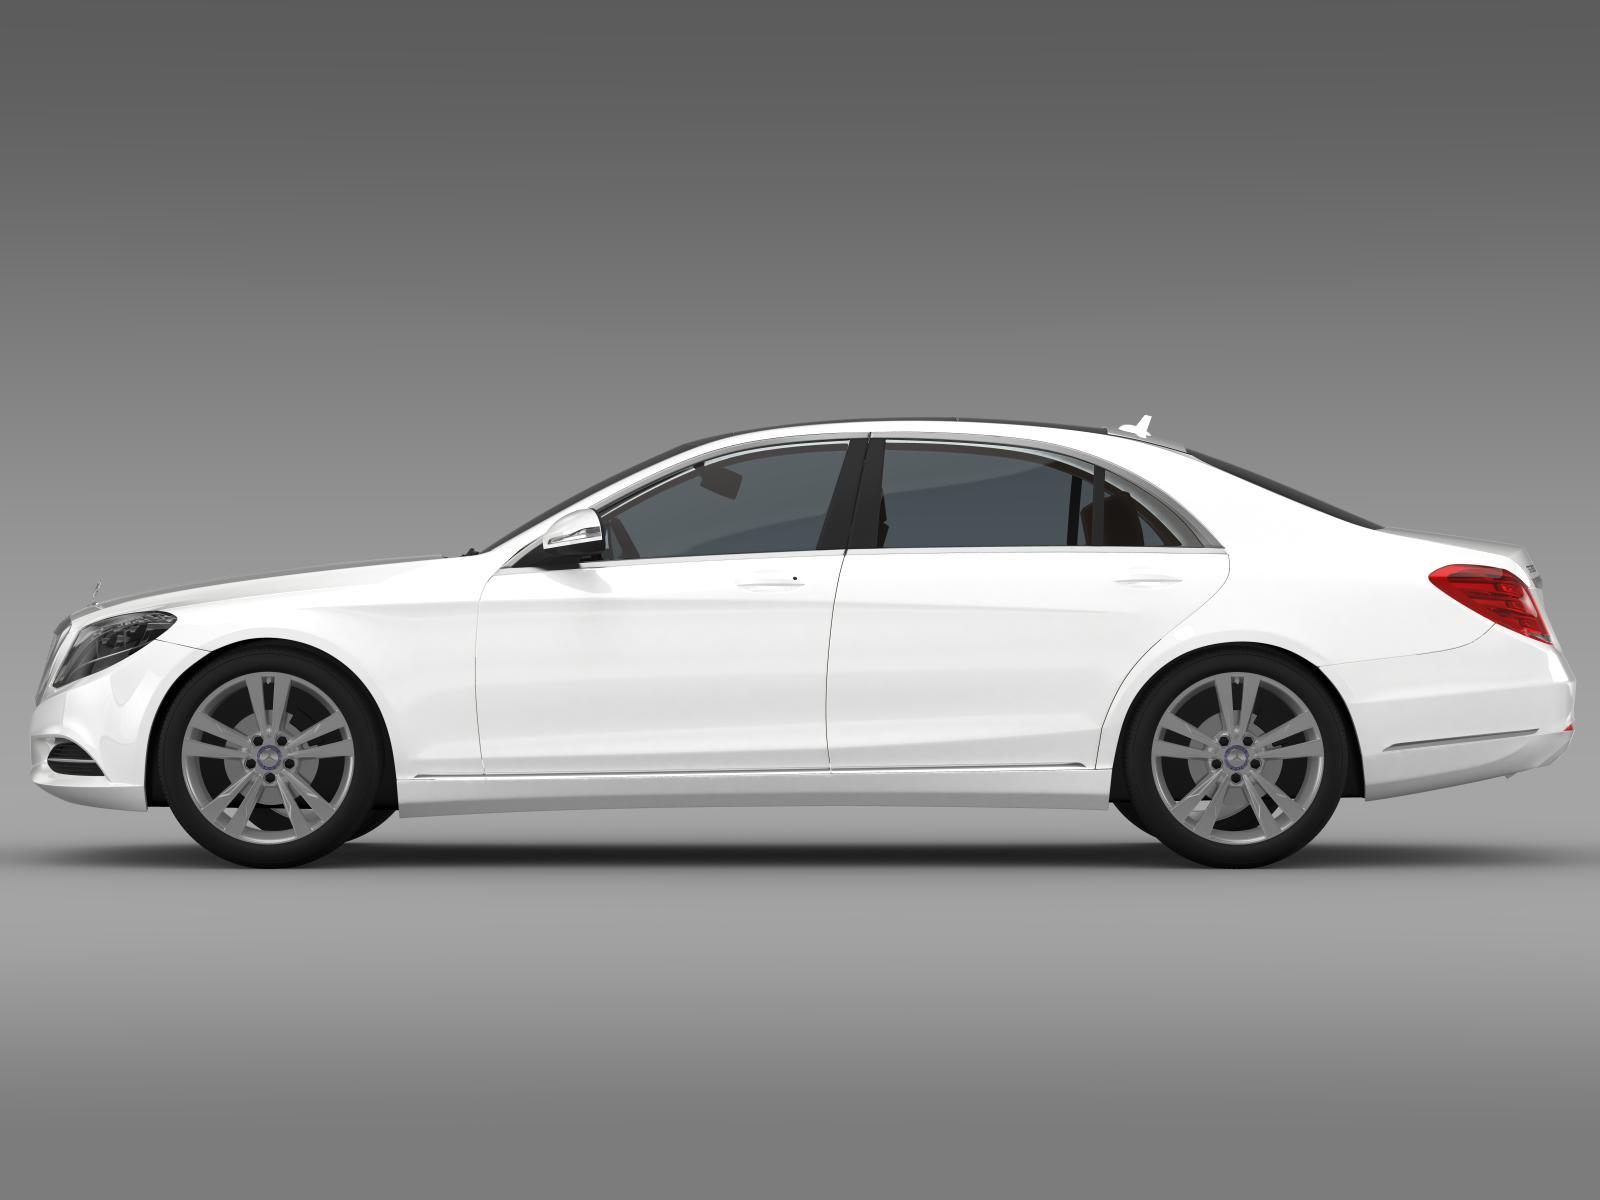 Mercedes benz s 300 bluetec hybrid w222 2014 3d model for Mercedes benz bluetec